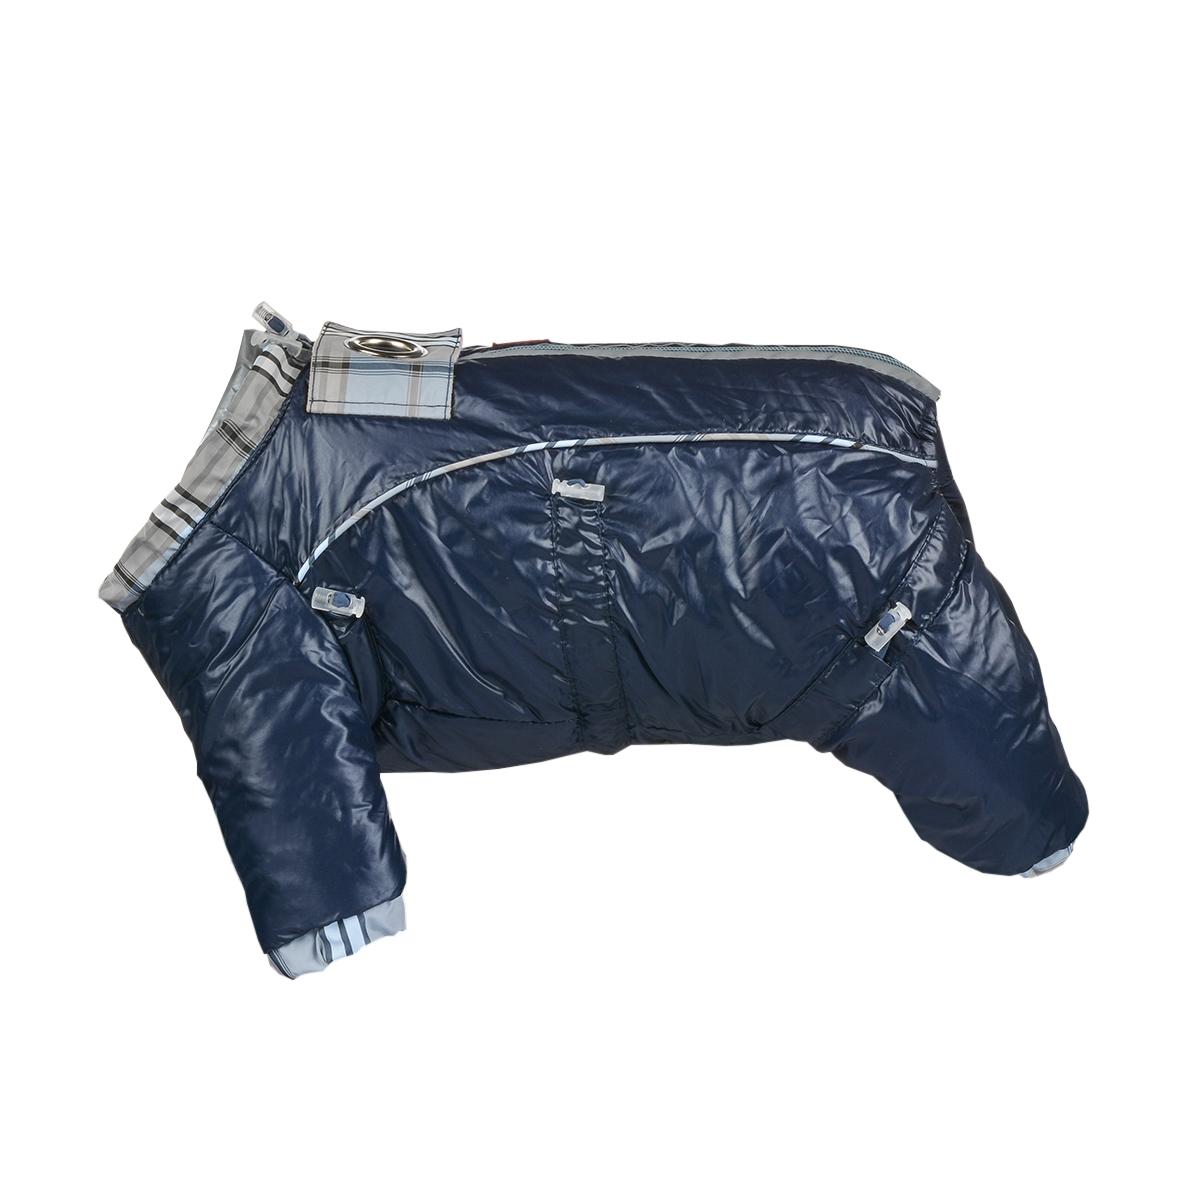 Комбинезон для собак Dogmoda Doggs, зимний, для мальчика, цвет: темно-синий. Размер XLDM-140538Комбинезон для собак Dogmoda Doggs отлично подойдет для прогулок в зимнее время года. Комбинезон изготовлен из полиэстера, защищающего от ветра и снега, с утеплителем из синтепона, который сохранит тепло даже в сильные морозы, а на подкладке используется искусственный мех, который обеспечивает отличный воздухообмен. Комбинезон застегивается на молнию и липучку, благодаря чему его легко надевать и снимать. Молния снабжена светоотражающими элементами. Низ рукавов и брючин оснащен внутренними резинками, которые мягко обхватывают лапки, не позволяя просачиваться холодному воздуху. На вороте, пояснице и лапках комбинезон затягивается на шнурок-кулиску с затяжкой. Модель снабжена непромокаемым карманом для размещения записки с информацией о вашем питомце, на случай если он потеряется. Благодаря такому комбинезону простуда не грозит вашему питомцу и он не даст любимцу продрогнуть на прогулке.